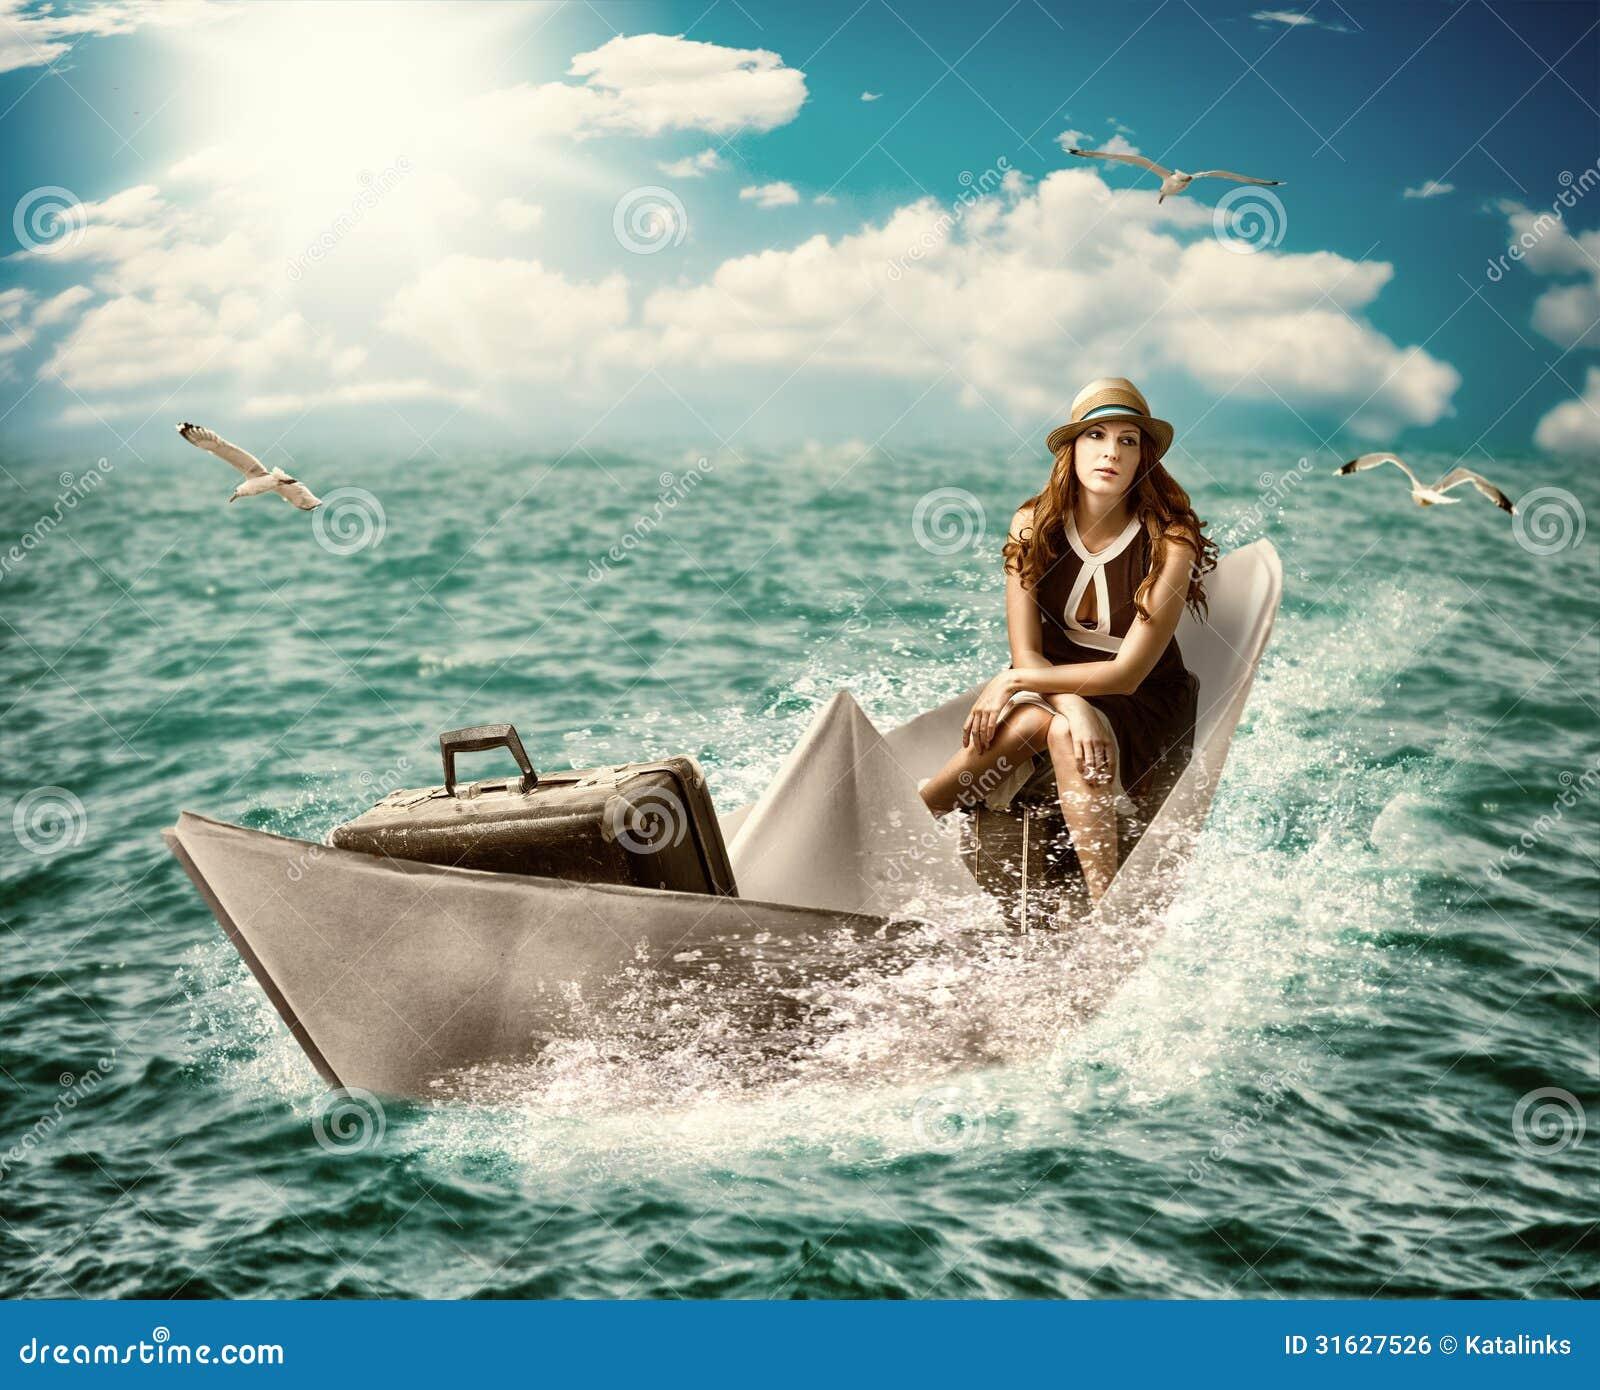 Voyage. Femme avec le bagage sur le bateau